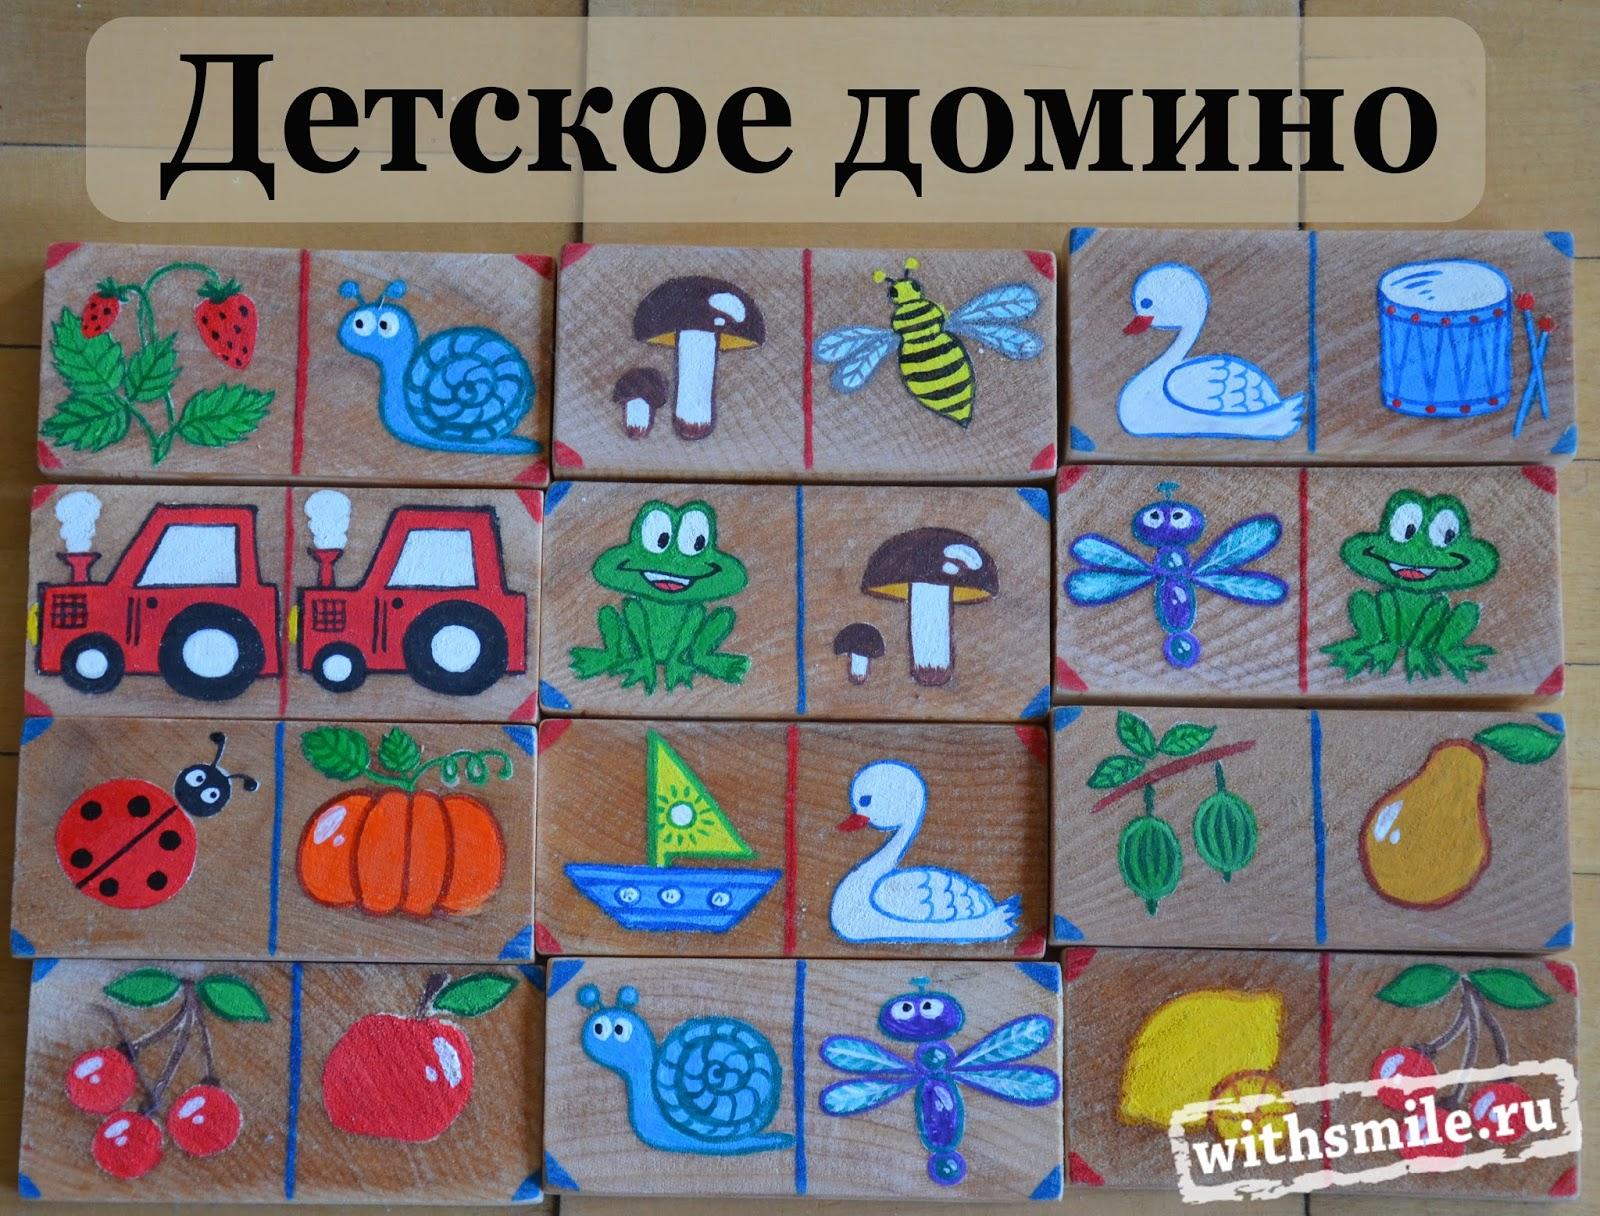 делаем детское домино сами, клубника, улитка, грибы, пчела, лебедь, барабан, трактор, лягушка, стрекоза, божья коровка, тыква, парусник, крыжовник, груша, вишня, лимон